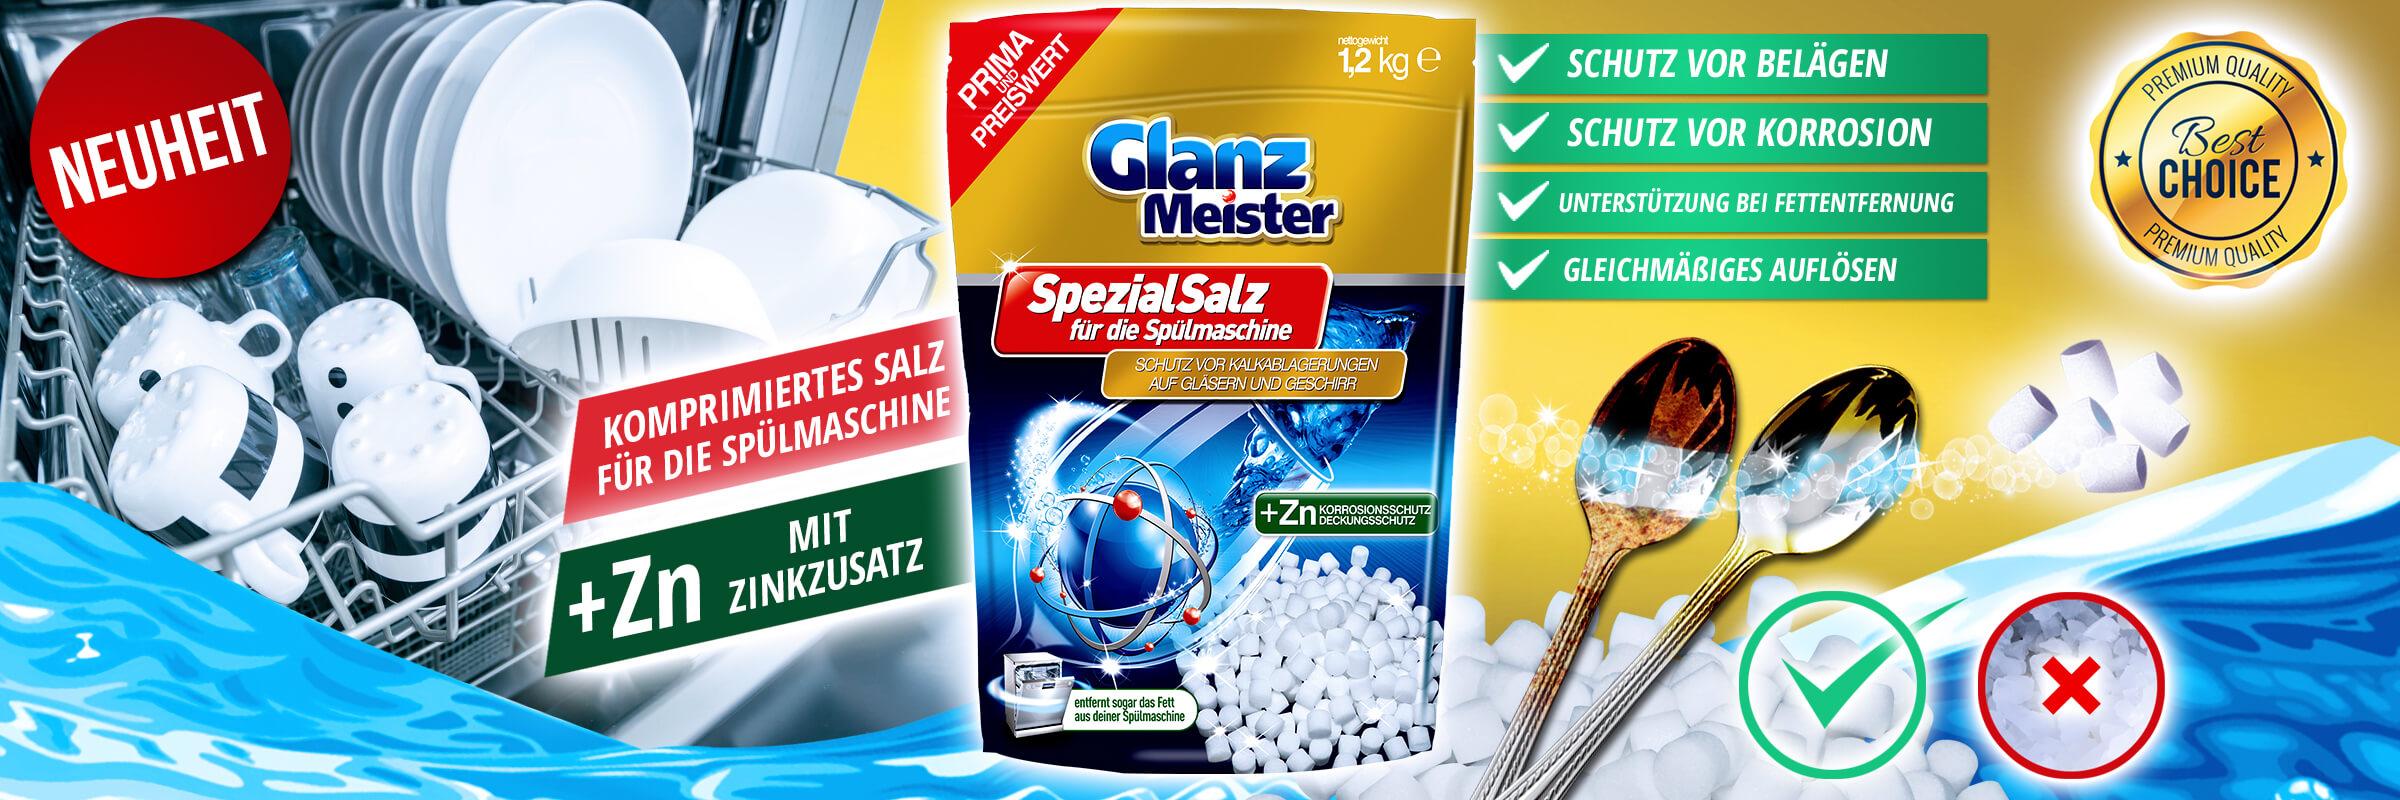 Komprimiertes Salz für die Spülmaschine GlanzMeister